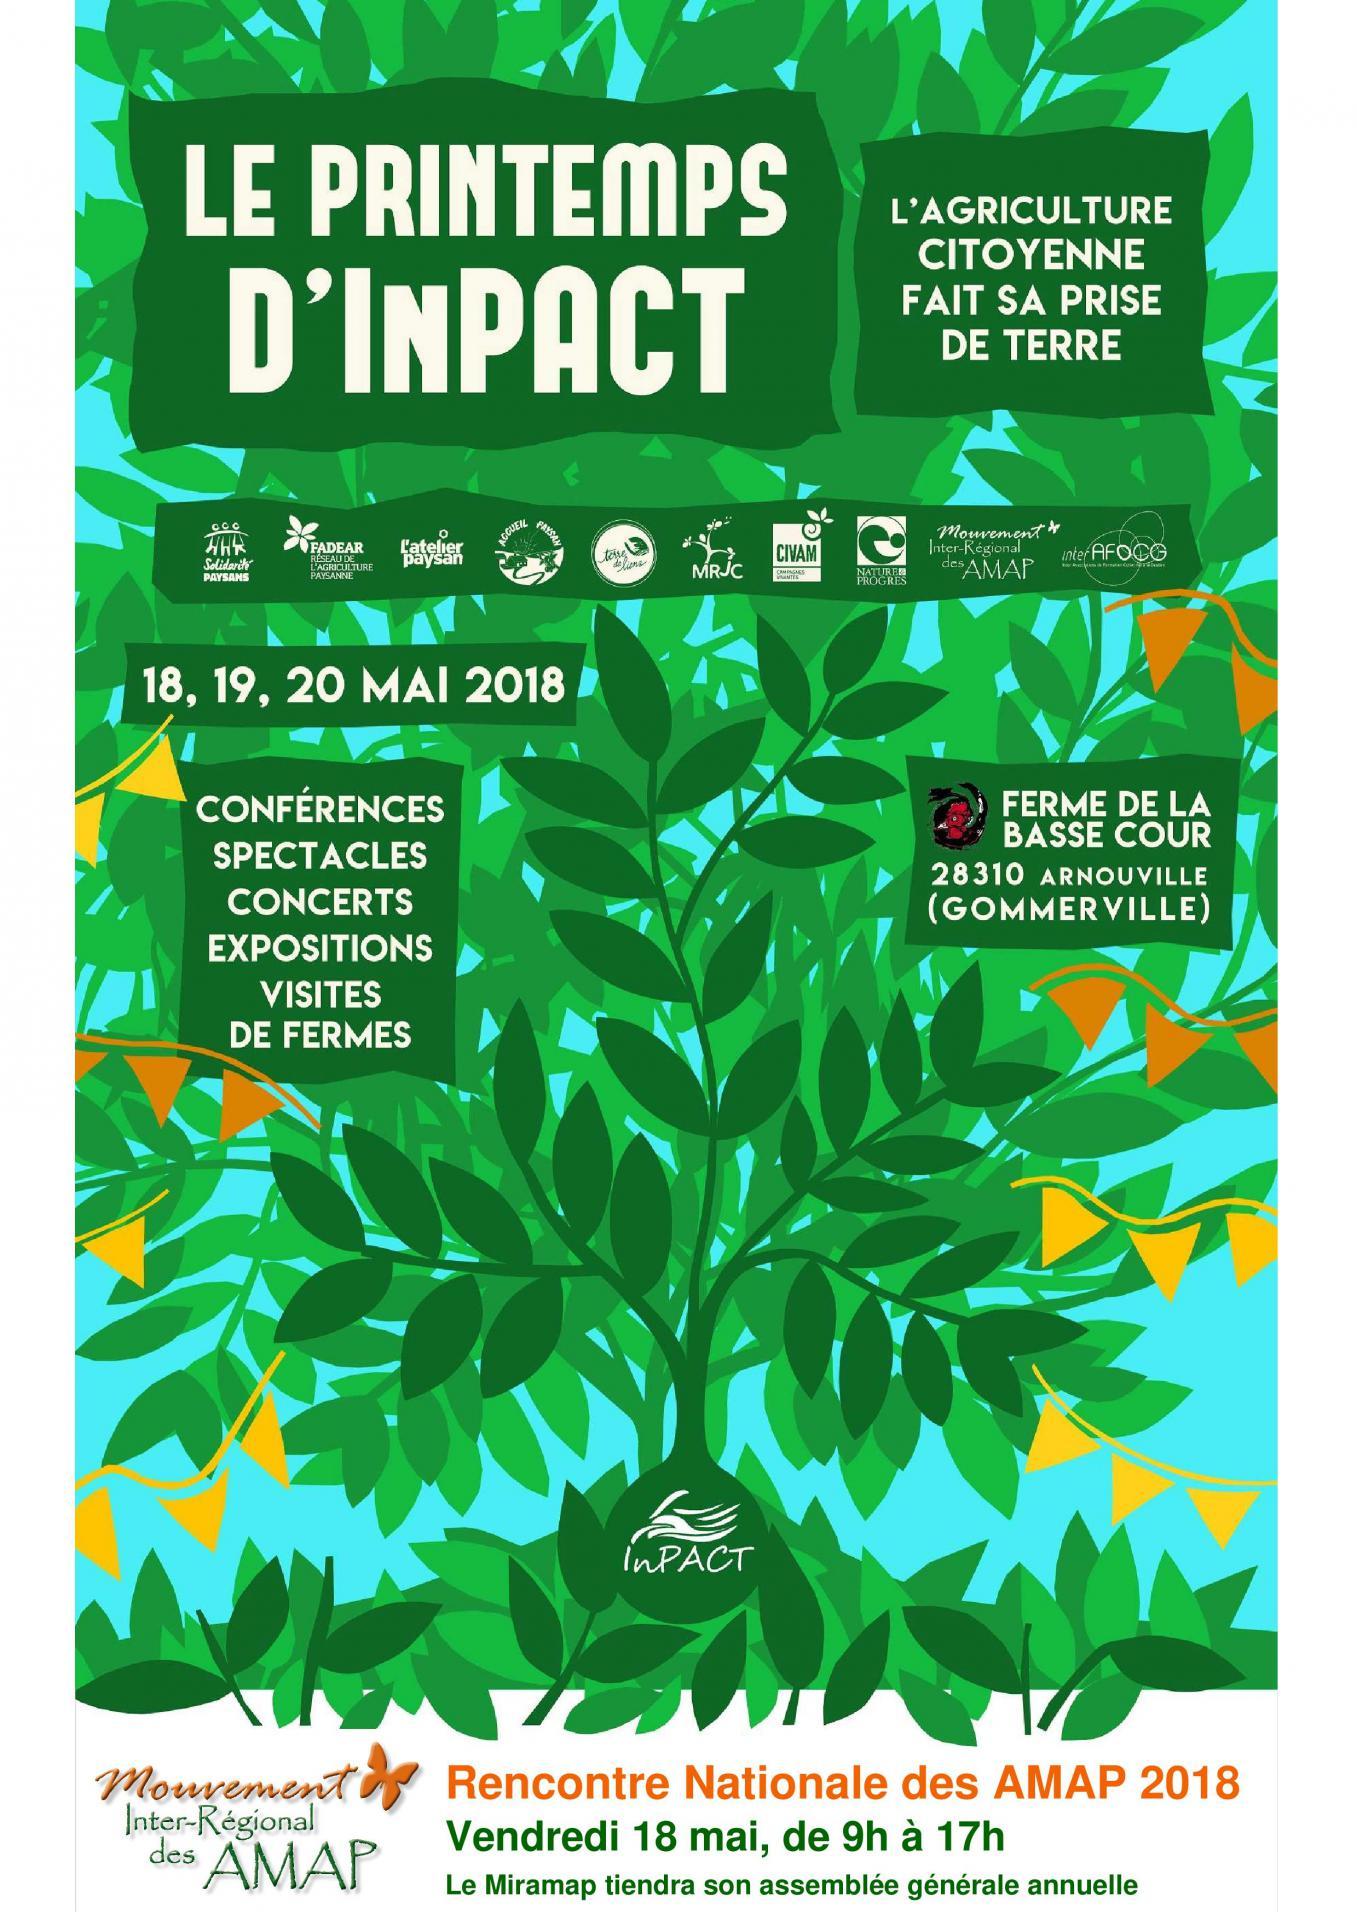 affiche Printemps d InPACT et rencontre nationale des AMAP 18 mai 2018 jpeg-1